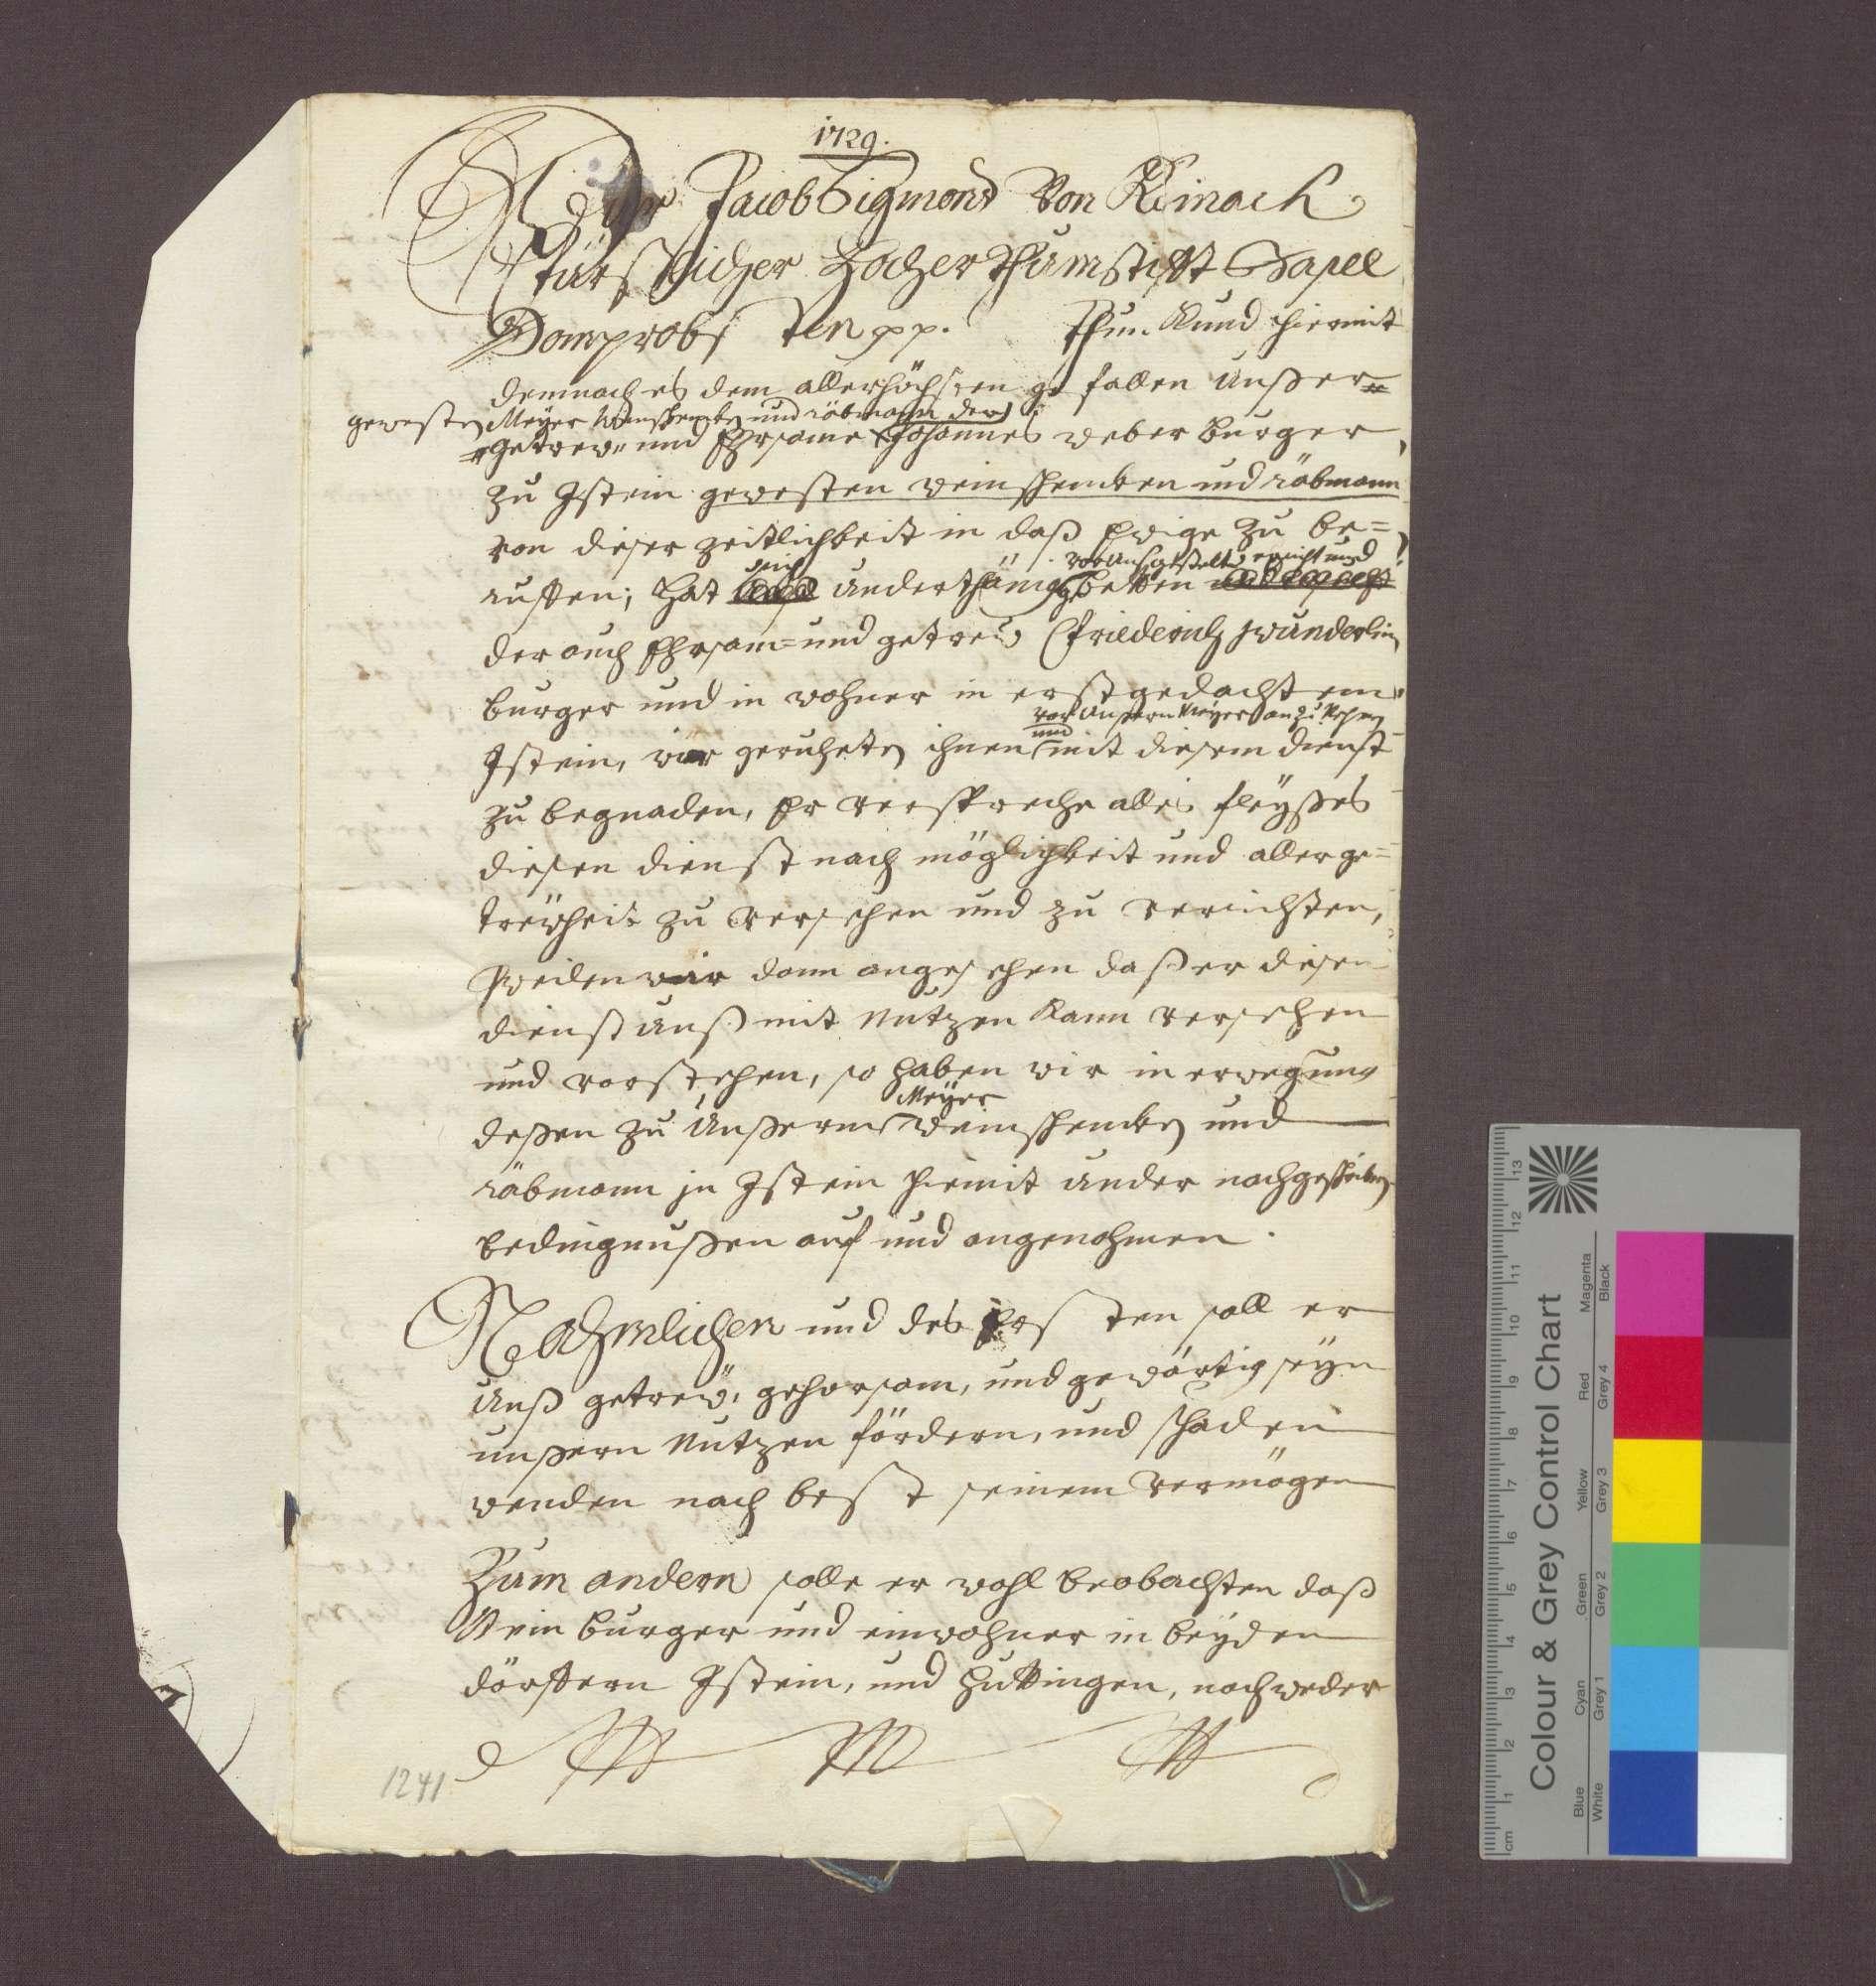 Bestallung des Friedrich Wunderlin als Meier des Basler Domkapitels in Istein., Bild 1